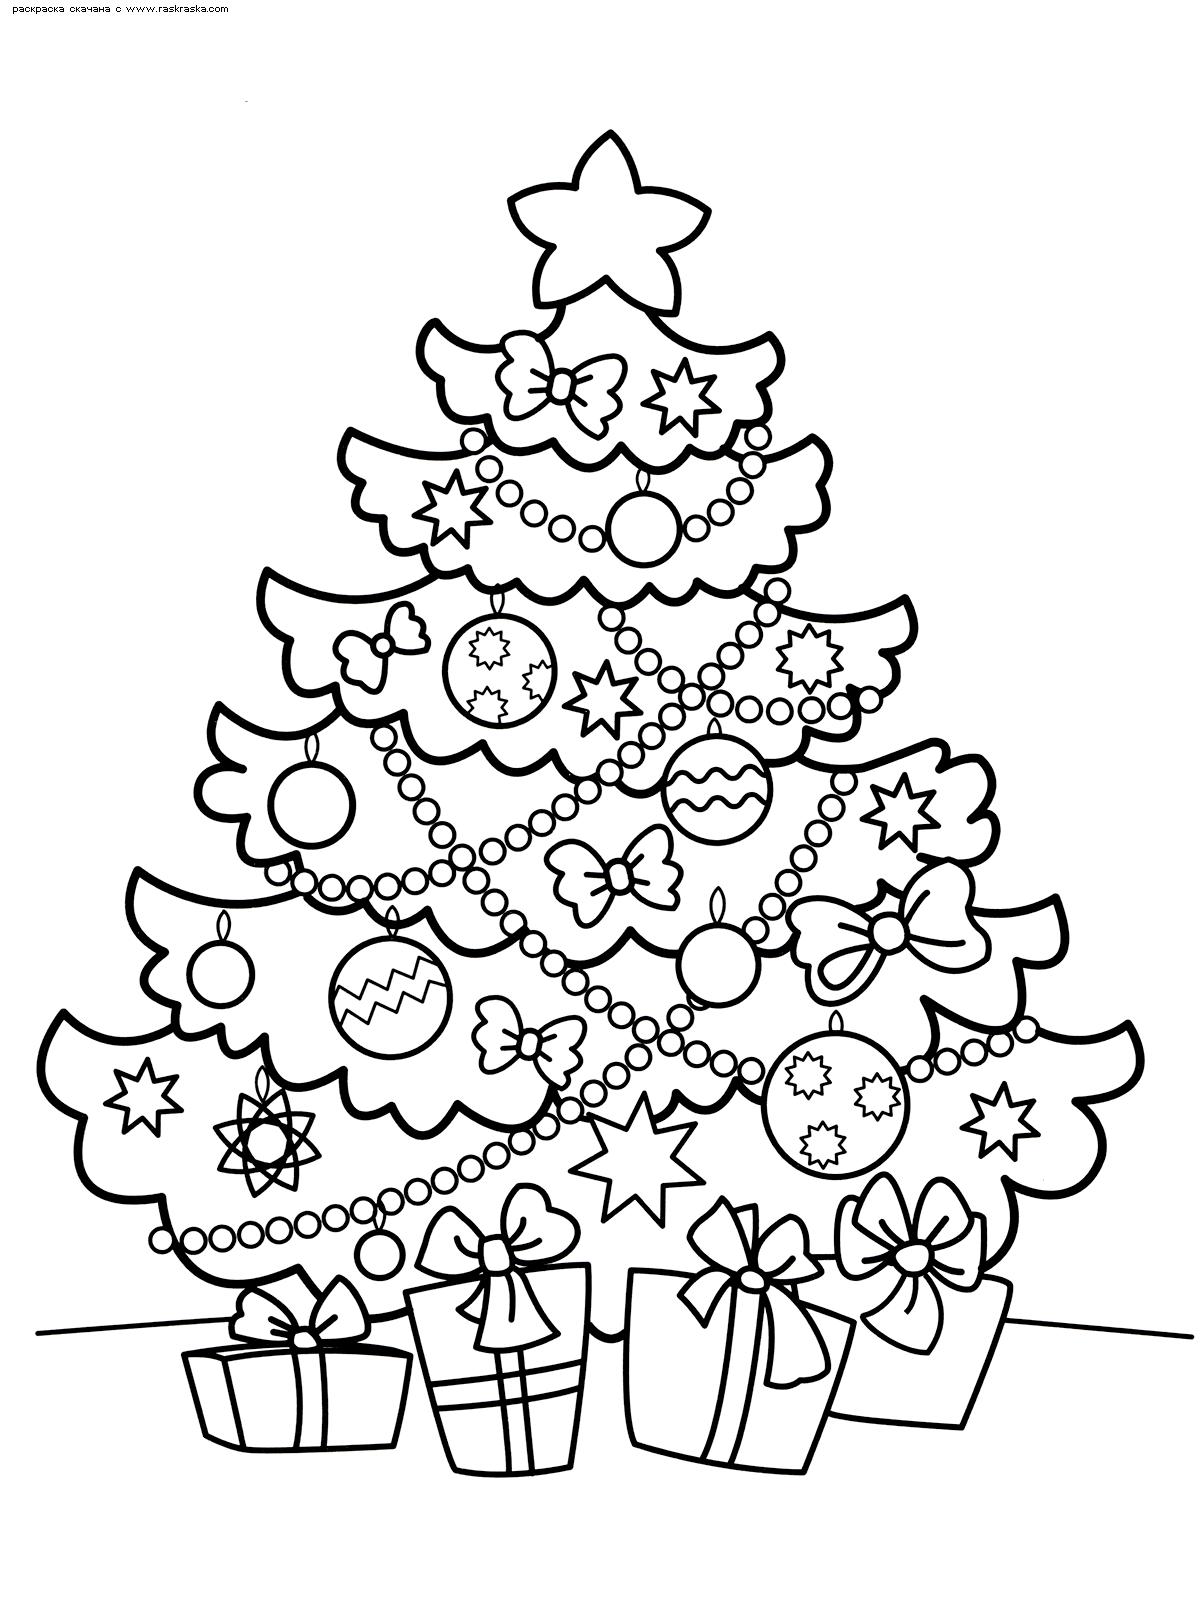 Раскраска Красивая елка. Раскраска елка